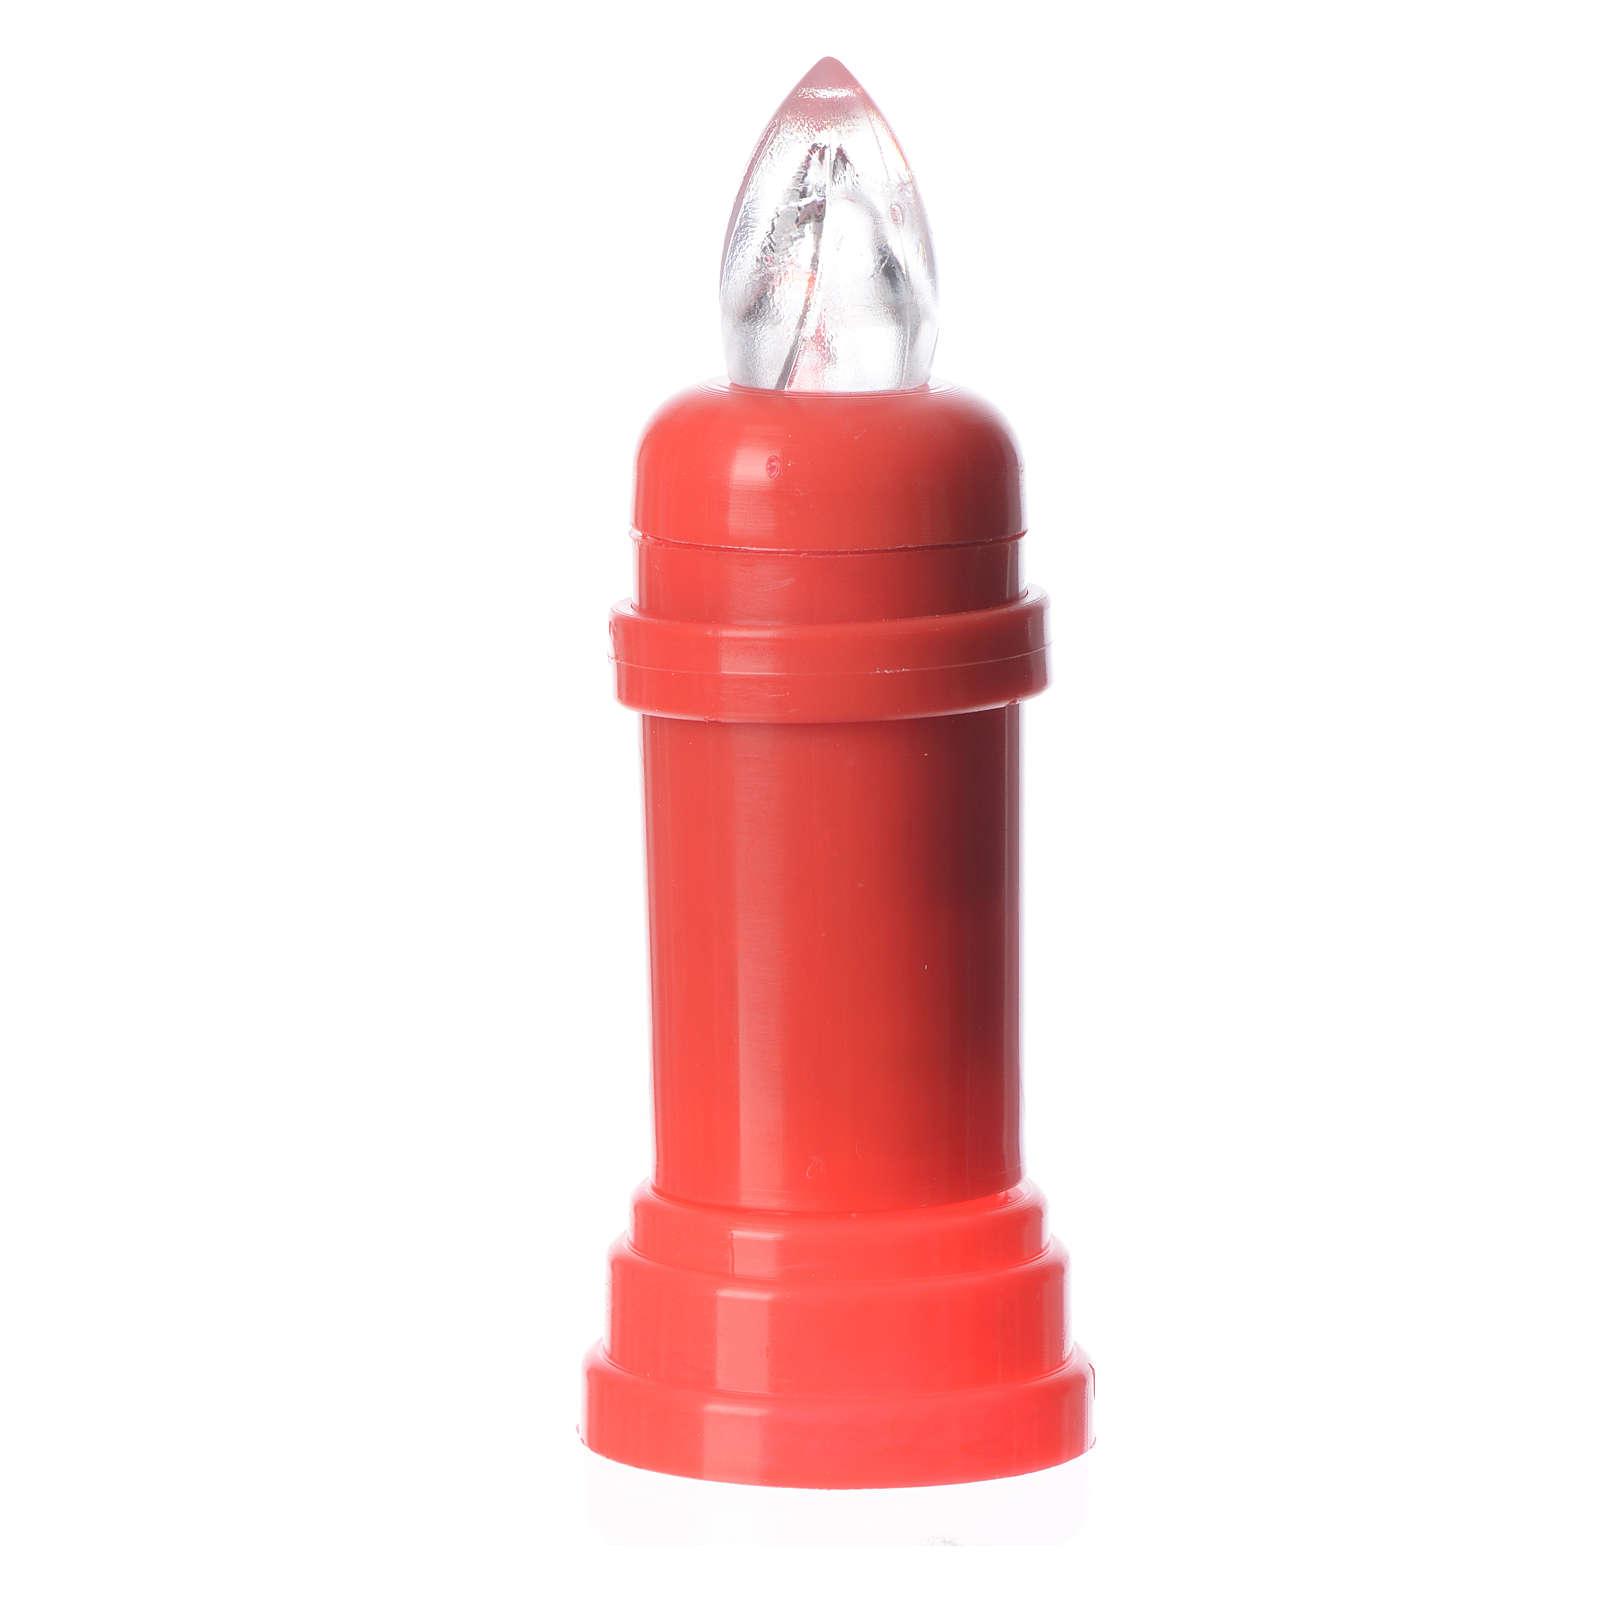 Bougie électrique rouge veilleuse avec adhésif 3